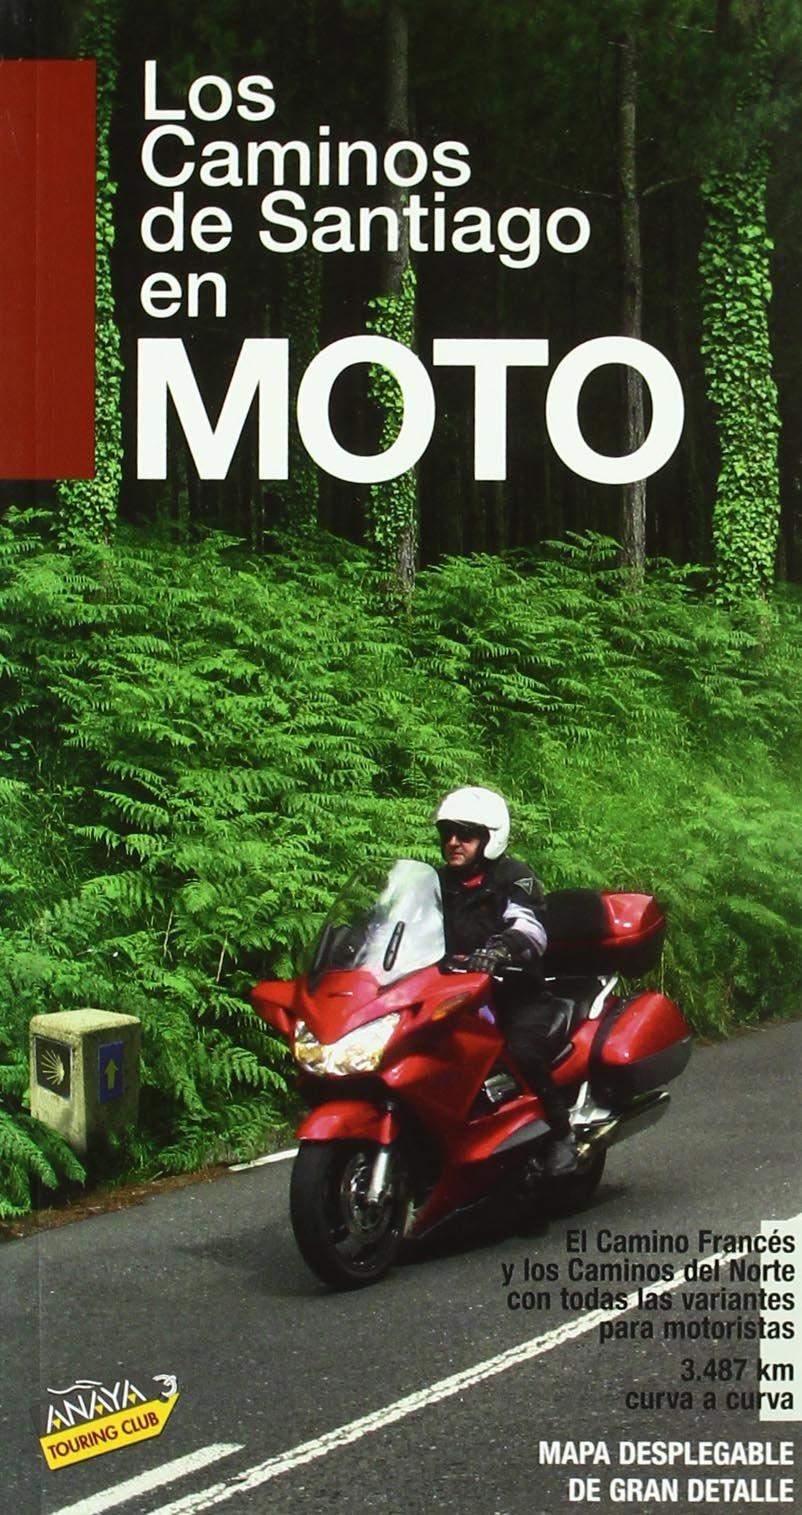 Los Caminos de Santiago en moto: Amazon.es: Anaya Touring, Pardo ...